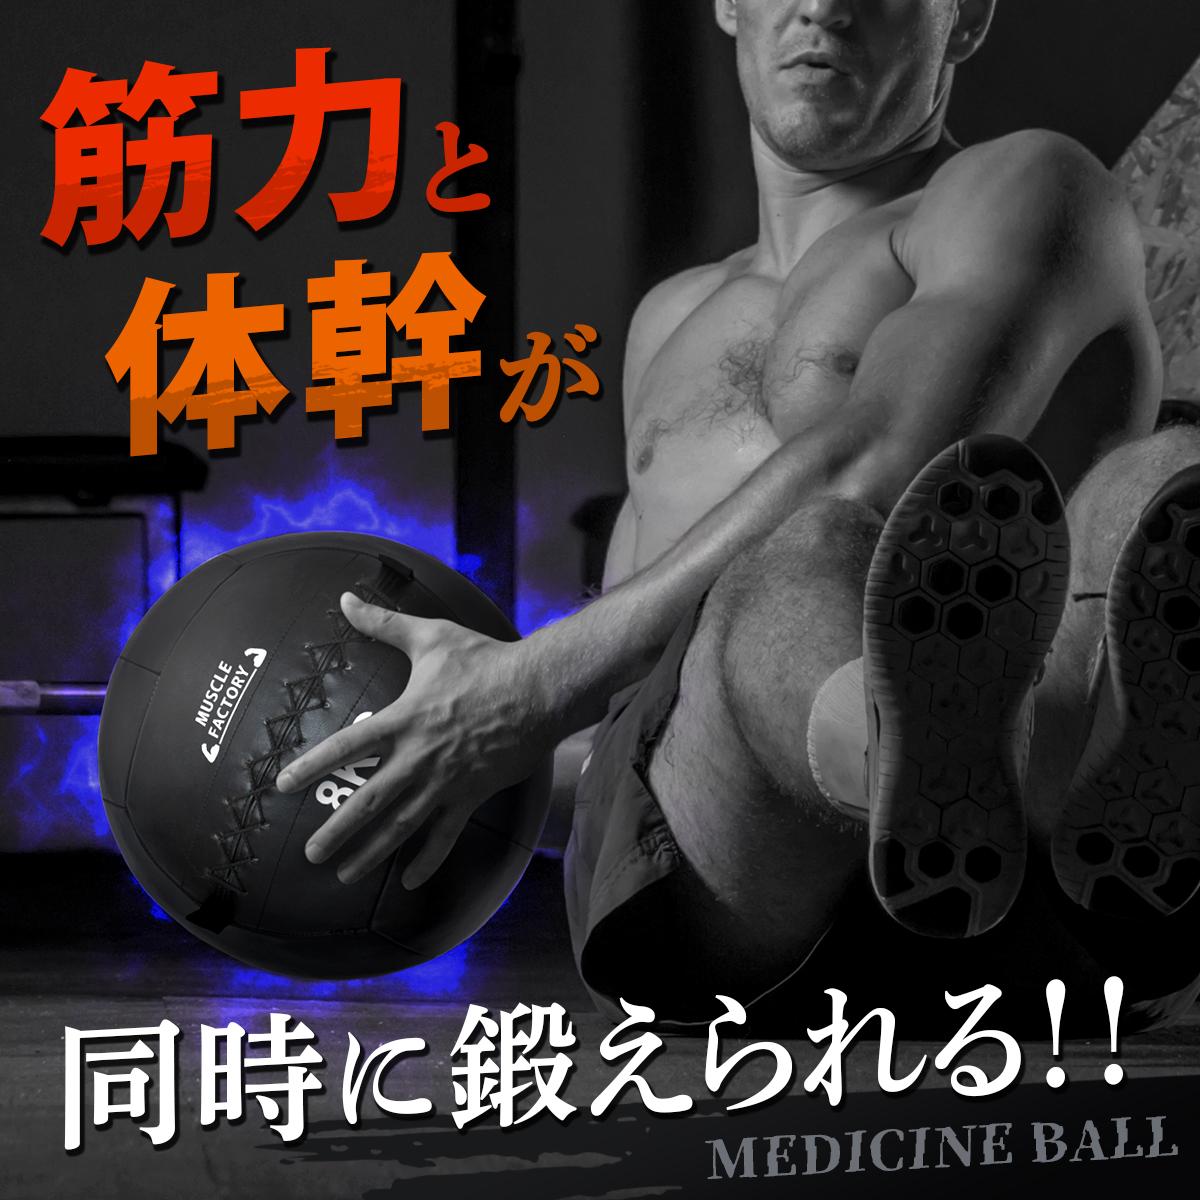 メディシンボール ソフト ウォールボール 体幹 トレーニング 筋トレ 2kg